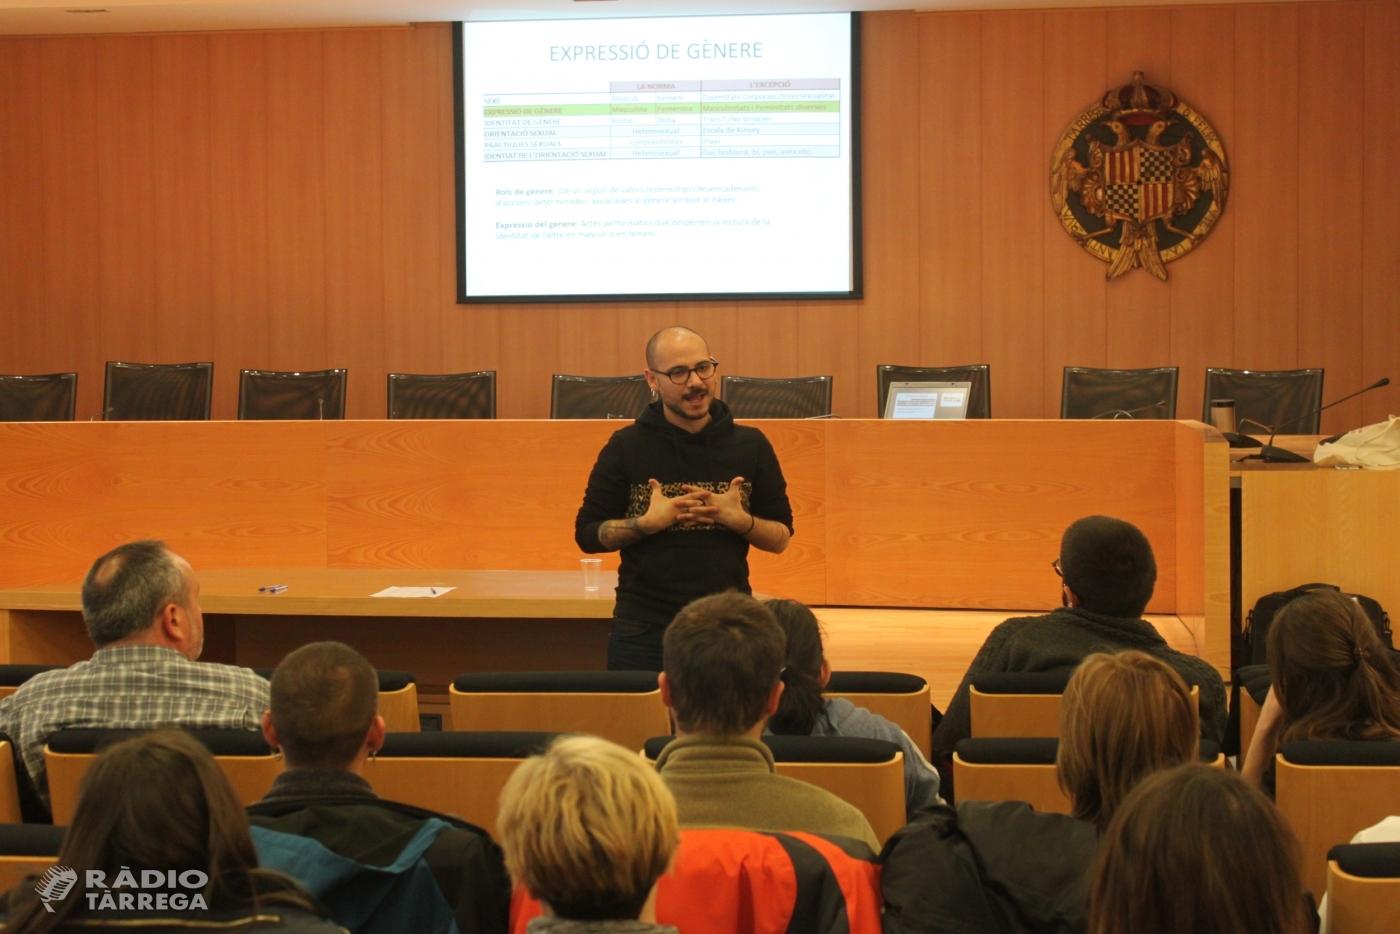 L'Ajuntament de Tàrrega forma la plantilla municipal per detectar i eradicar possibles casos de LGTBIQfòbia